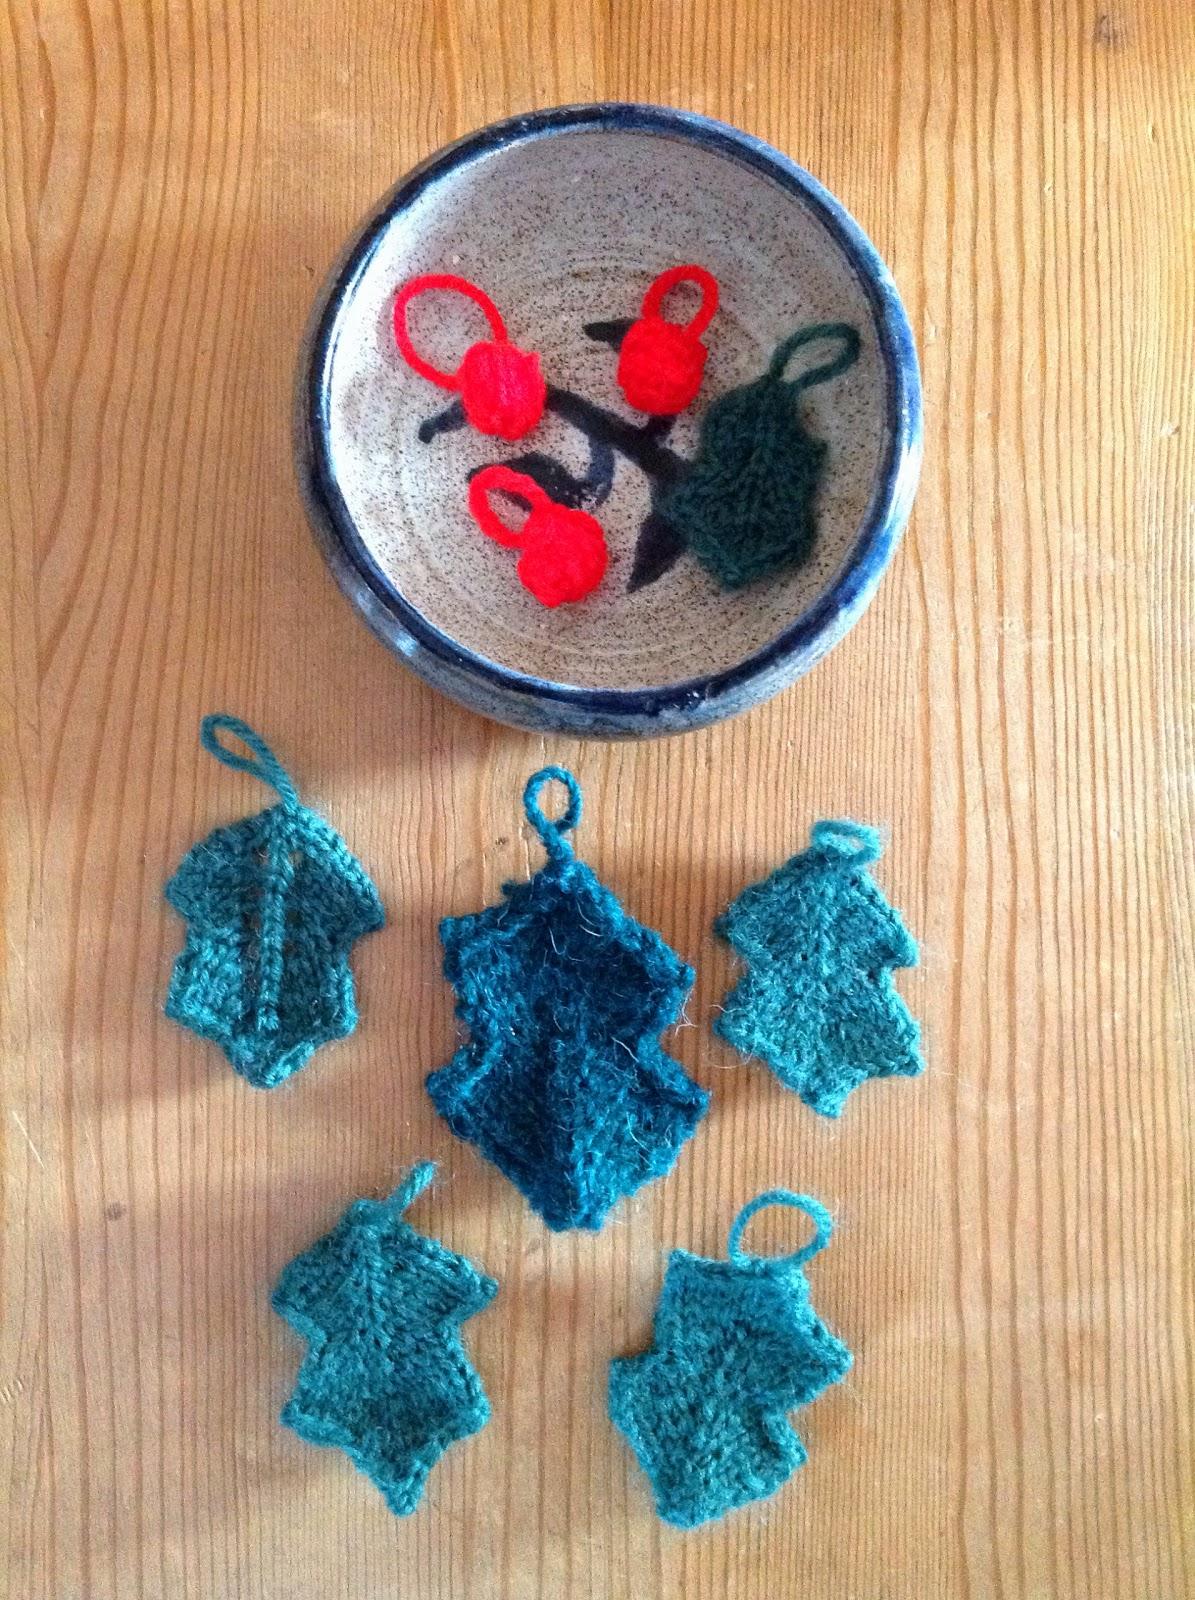 sustainablemum: Knitting